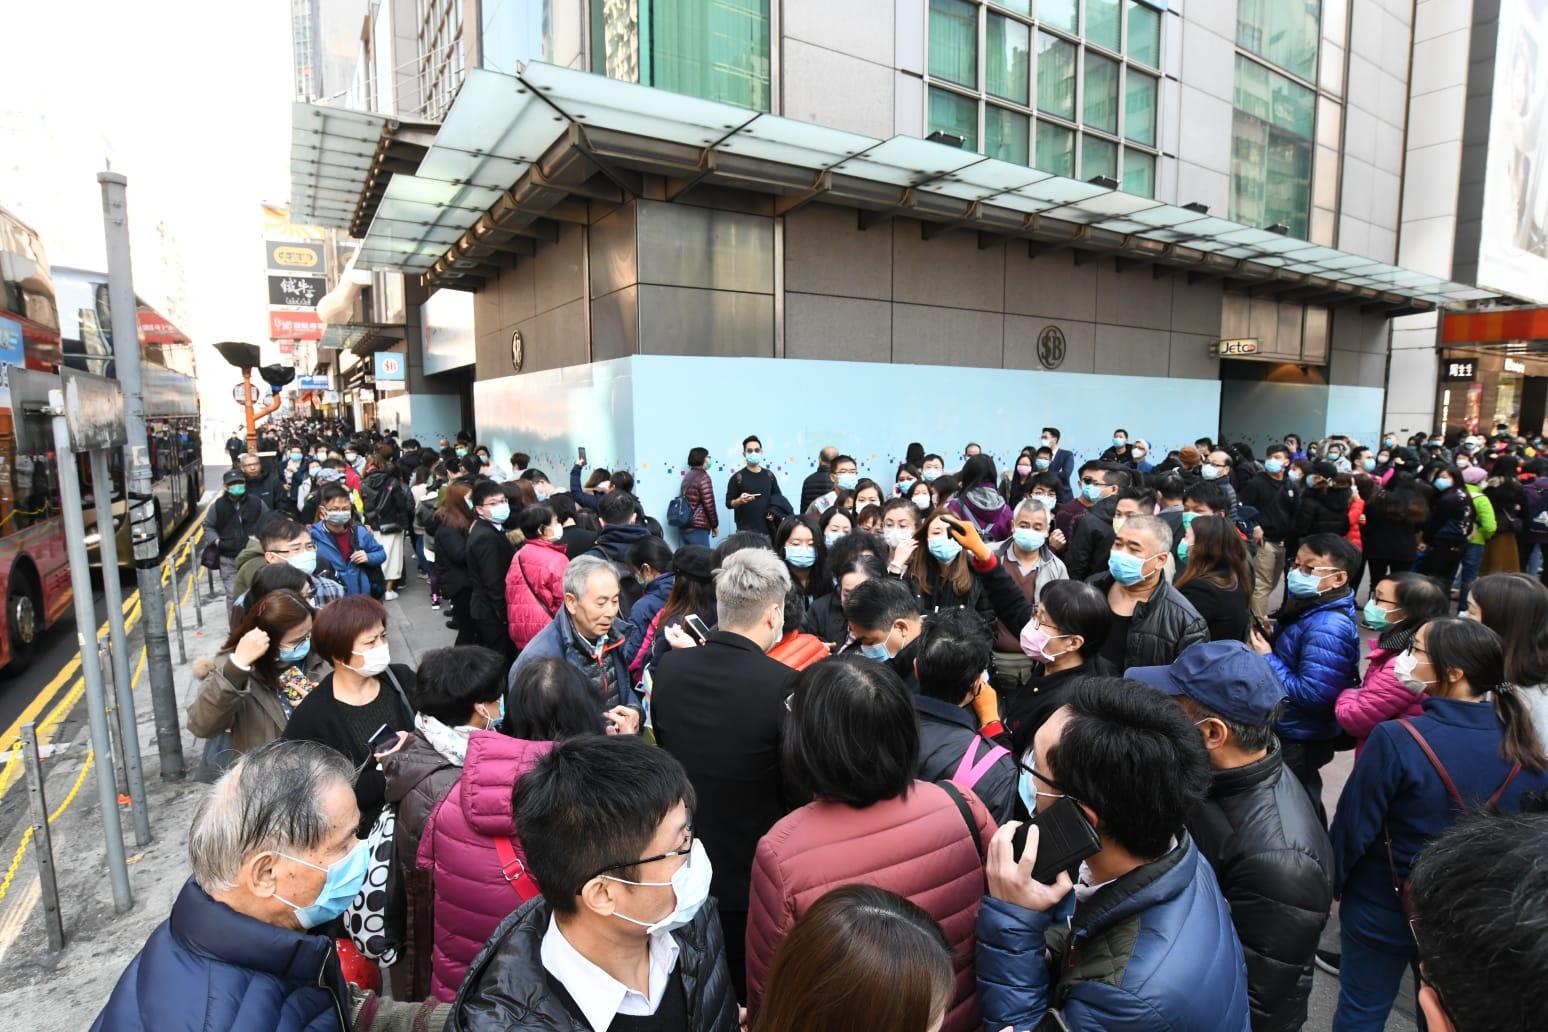 【新冠肺炎】卫署医管局下午4时30分简报疫情